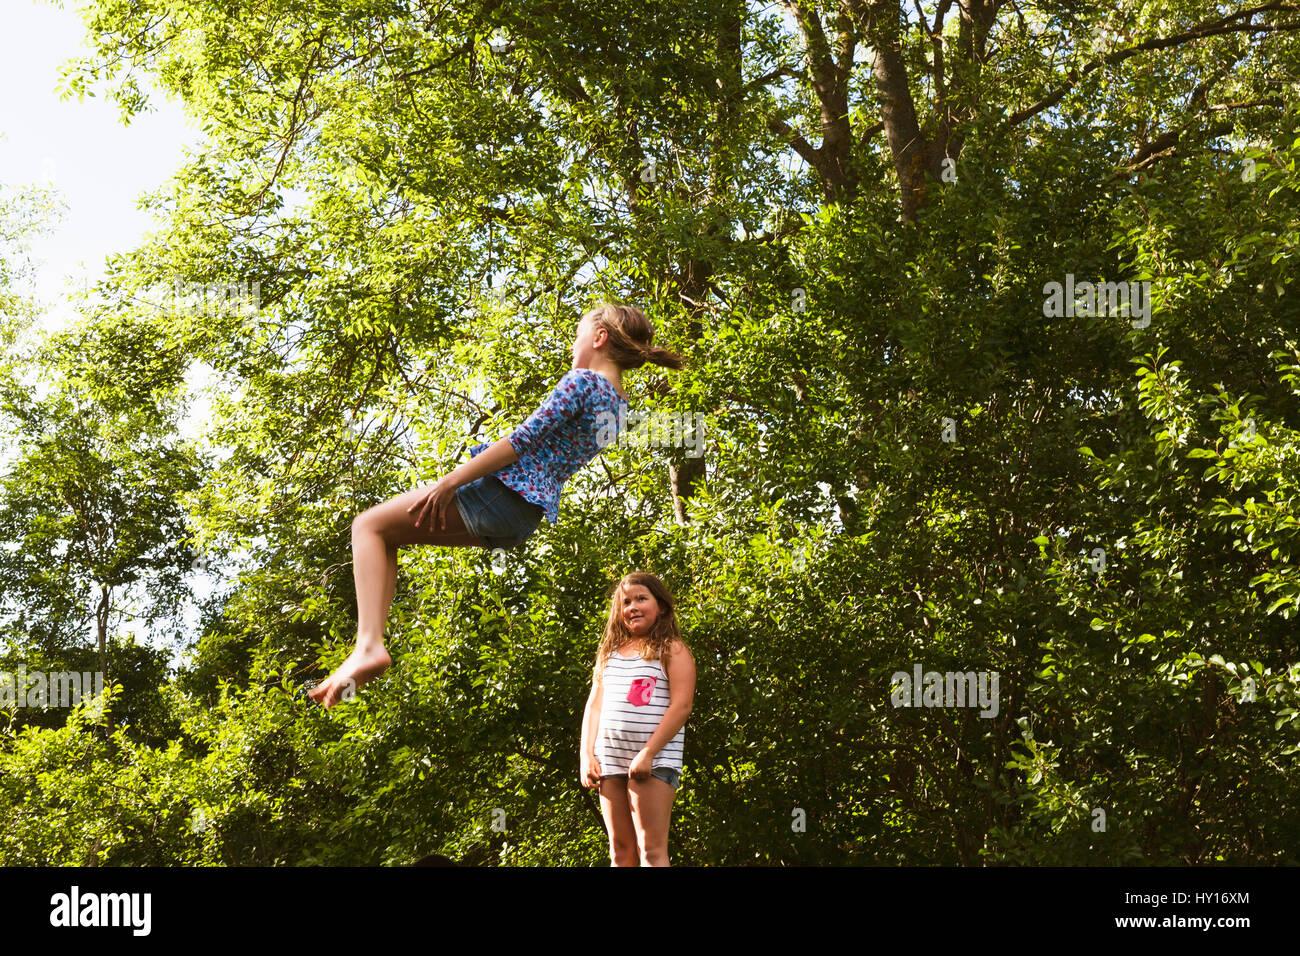 La Svezia, oland, due ragazze (8-9, 10-11) giocando sulla giornata di sole Immagini Stock